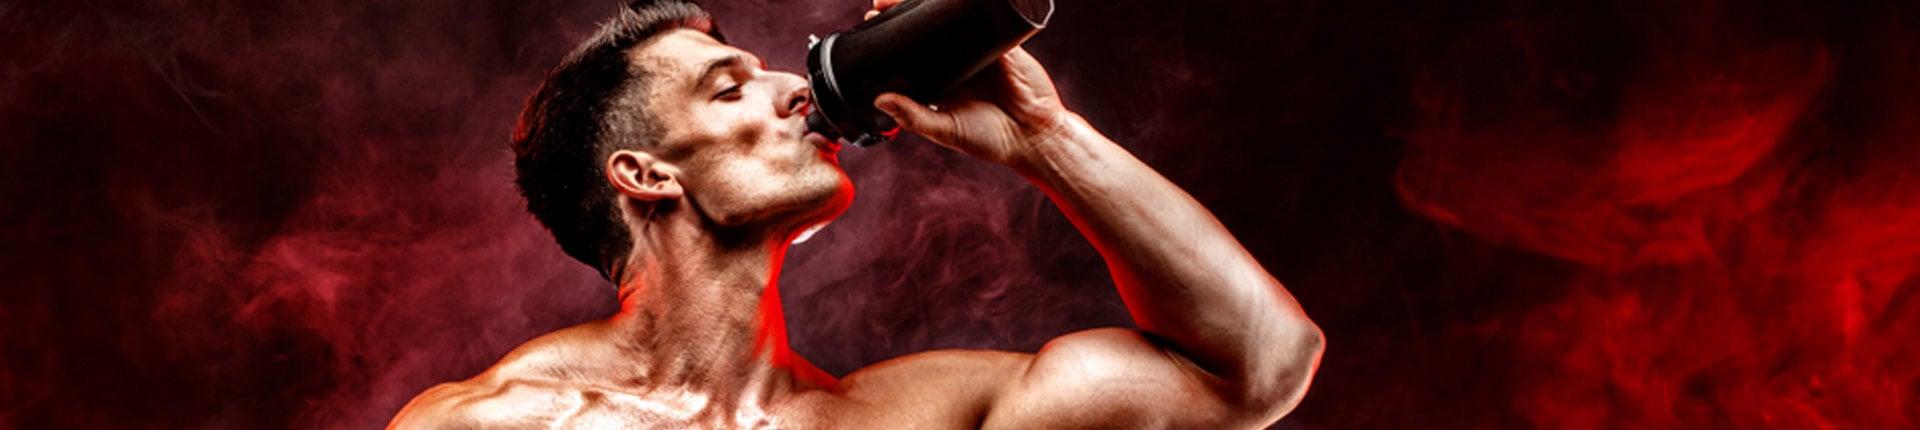 Odżywka białkowa na noc. Czy przed snem warto brać białko?